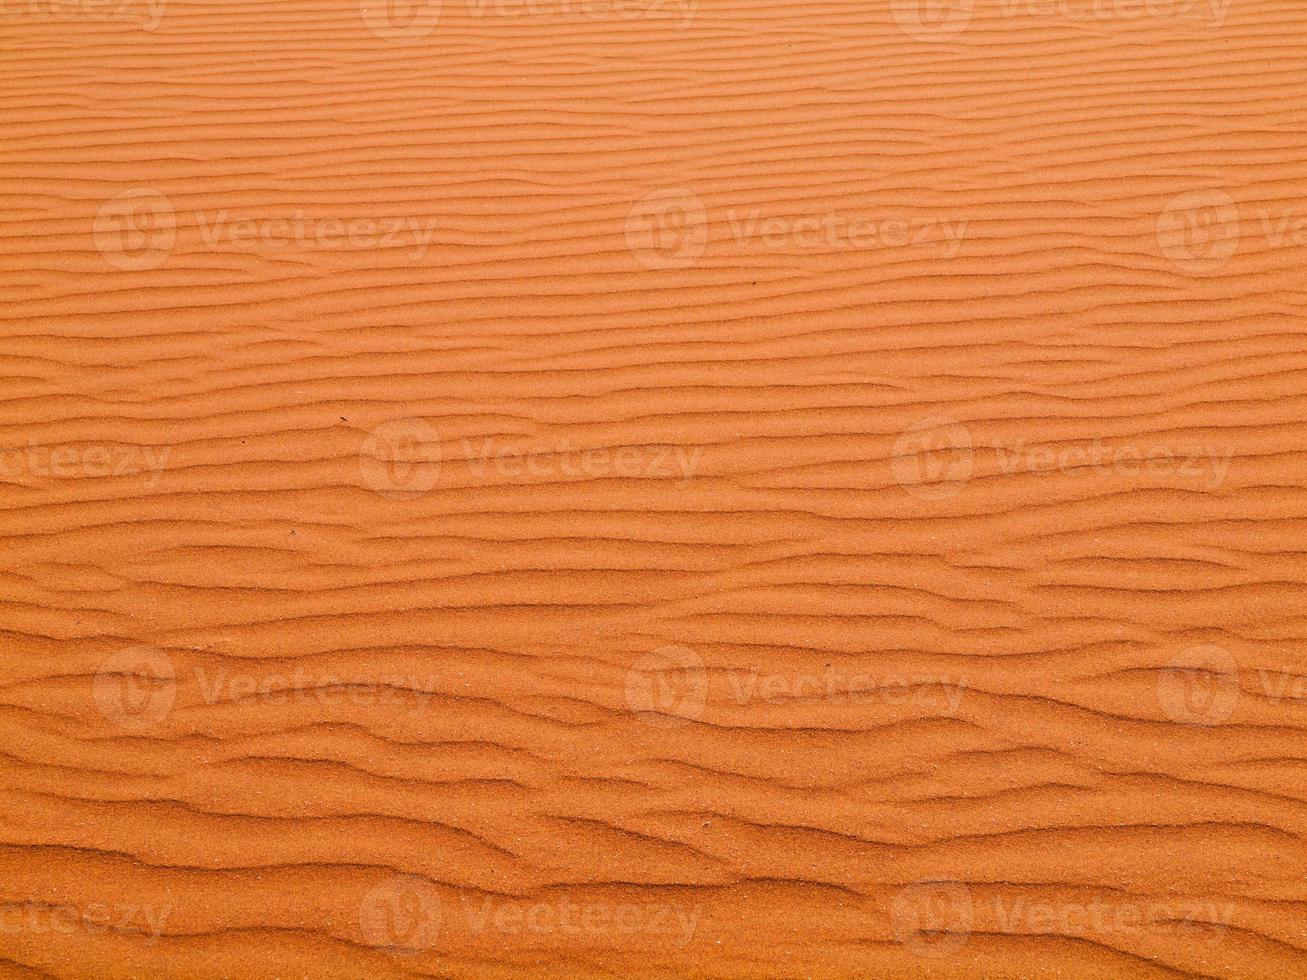 texture de sable rouge photo